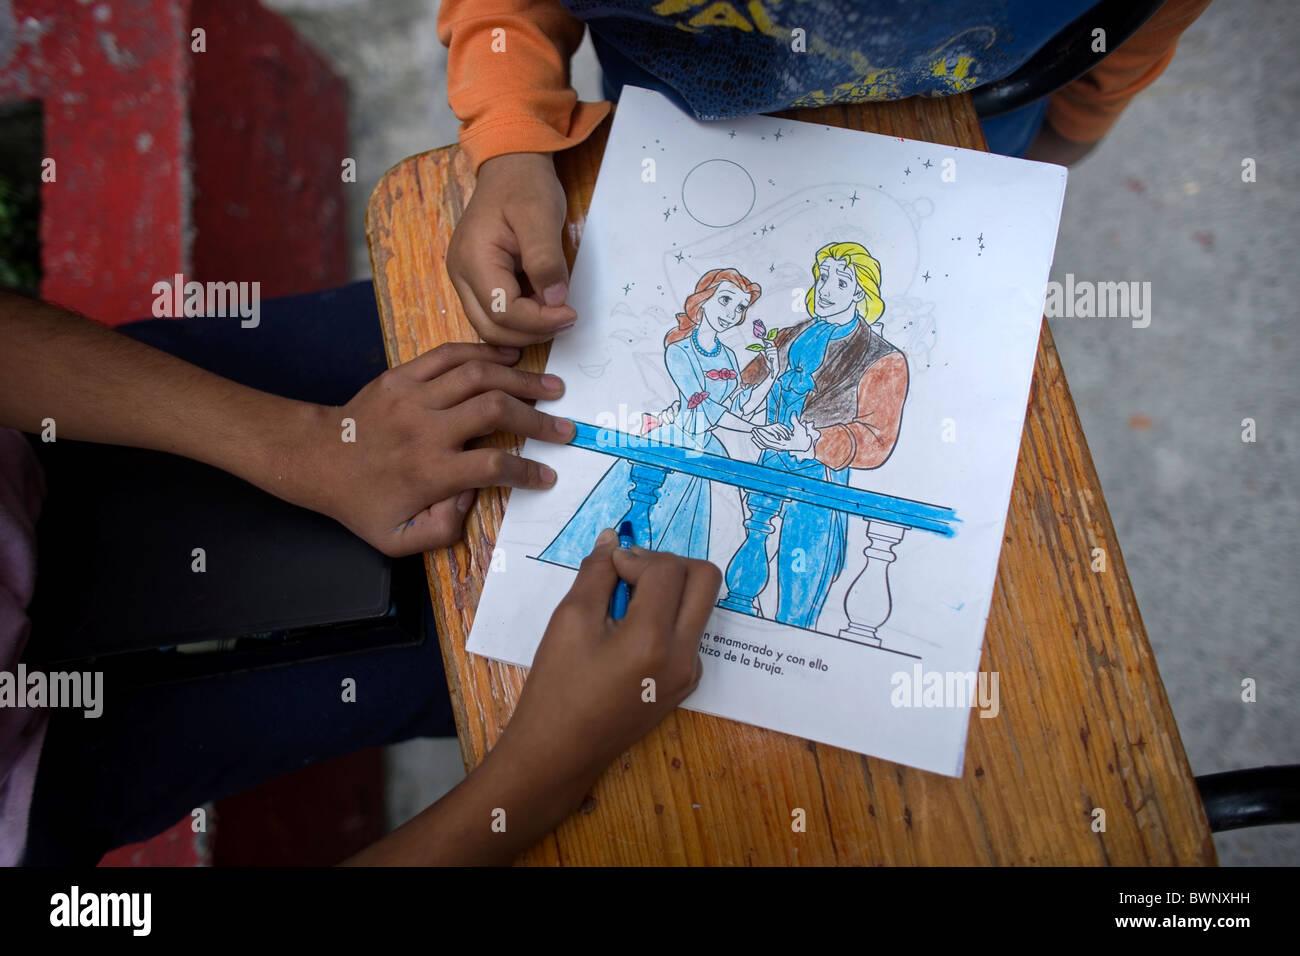 Kinder malen ein Aschenputtel mit dem blauen Prinzen in einem ...